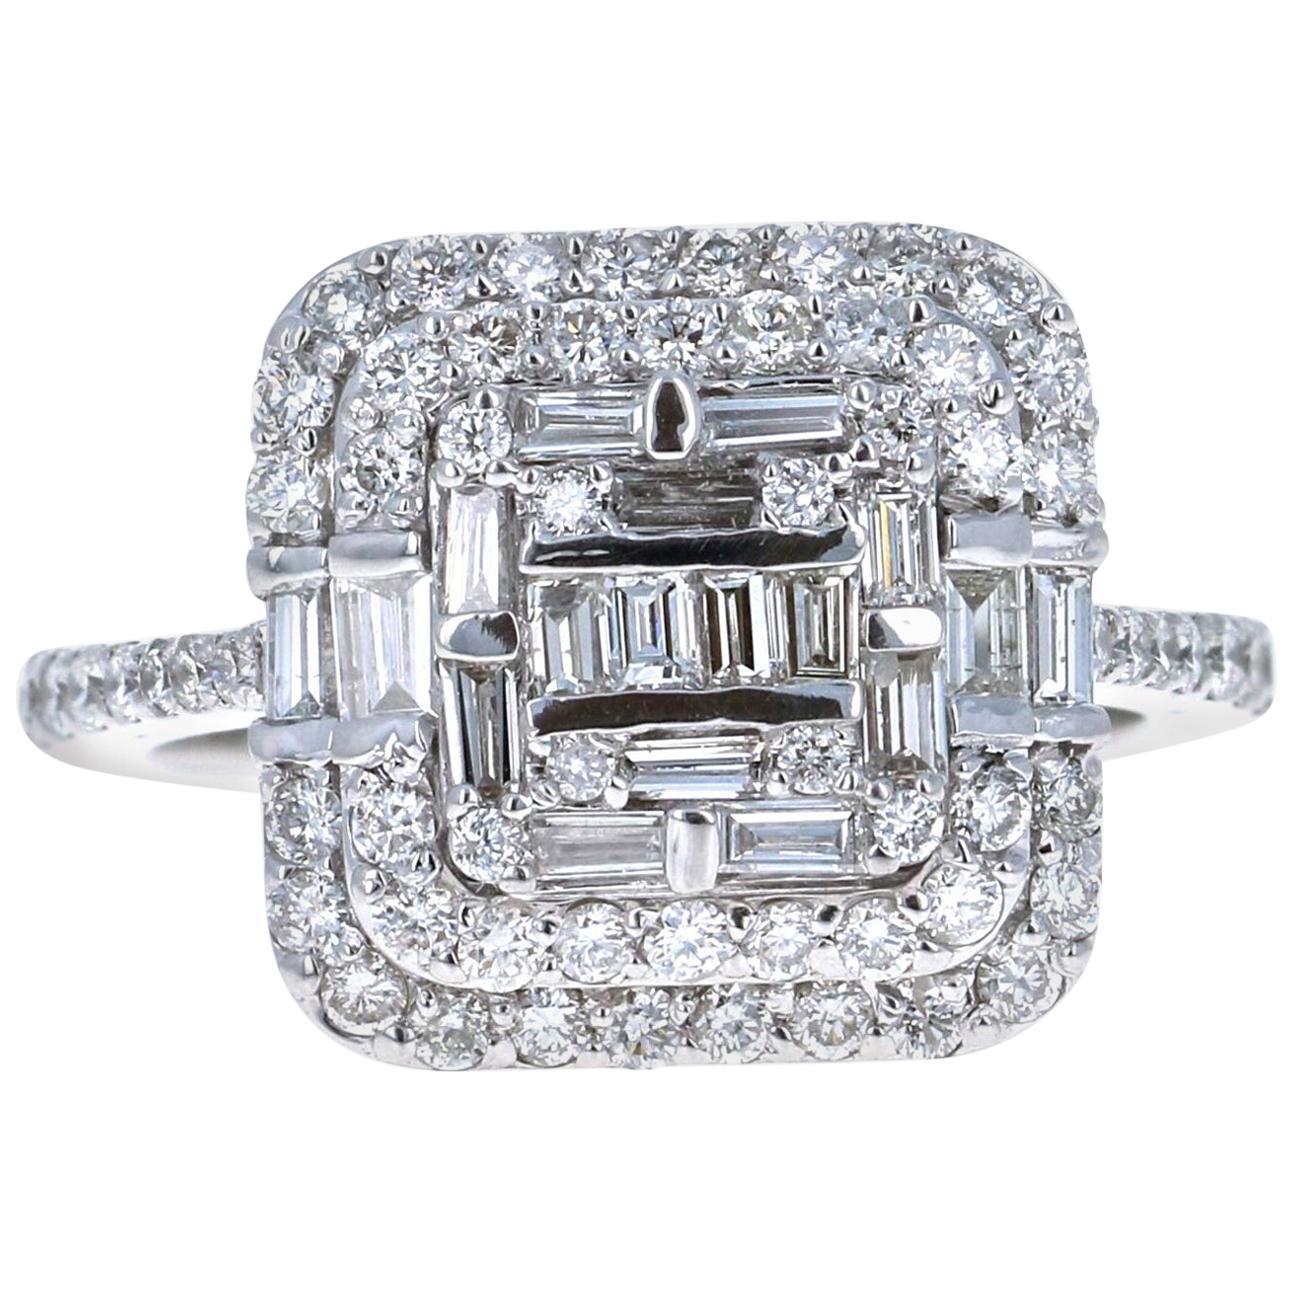 1.44 Carat Diamond 14 Karat White Gold Cocktail Cluster Ring